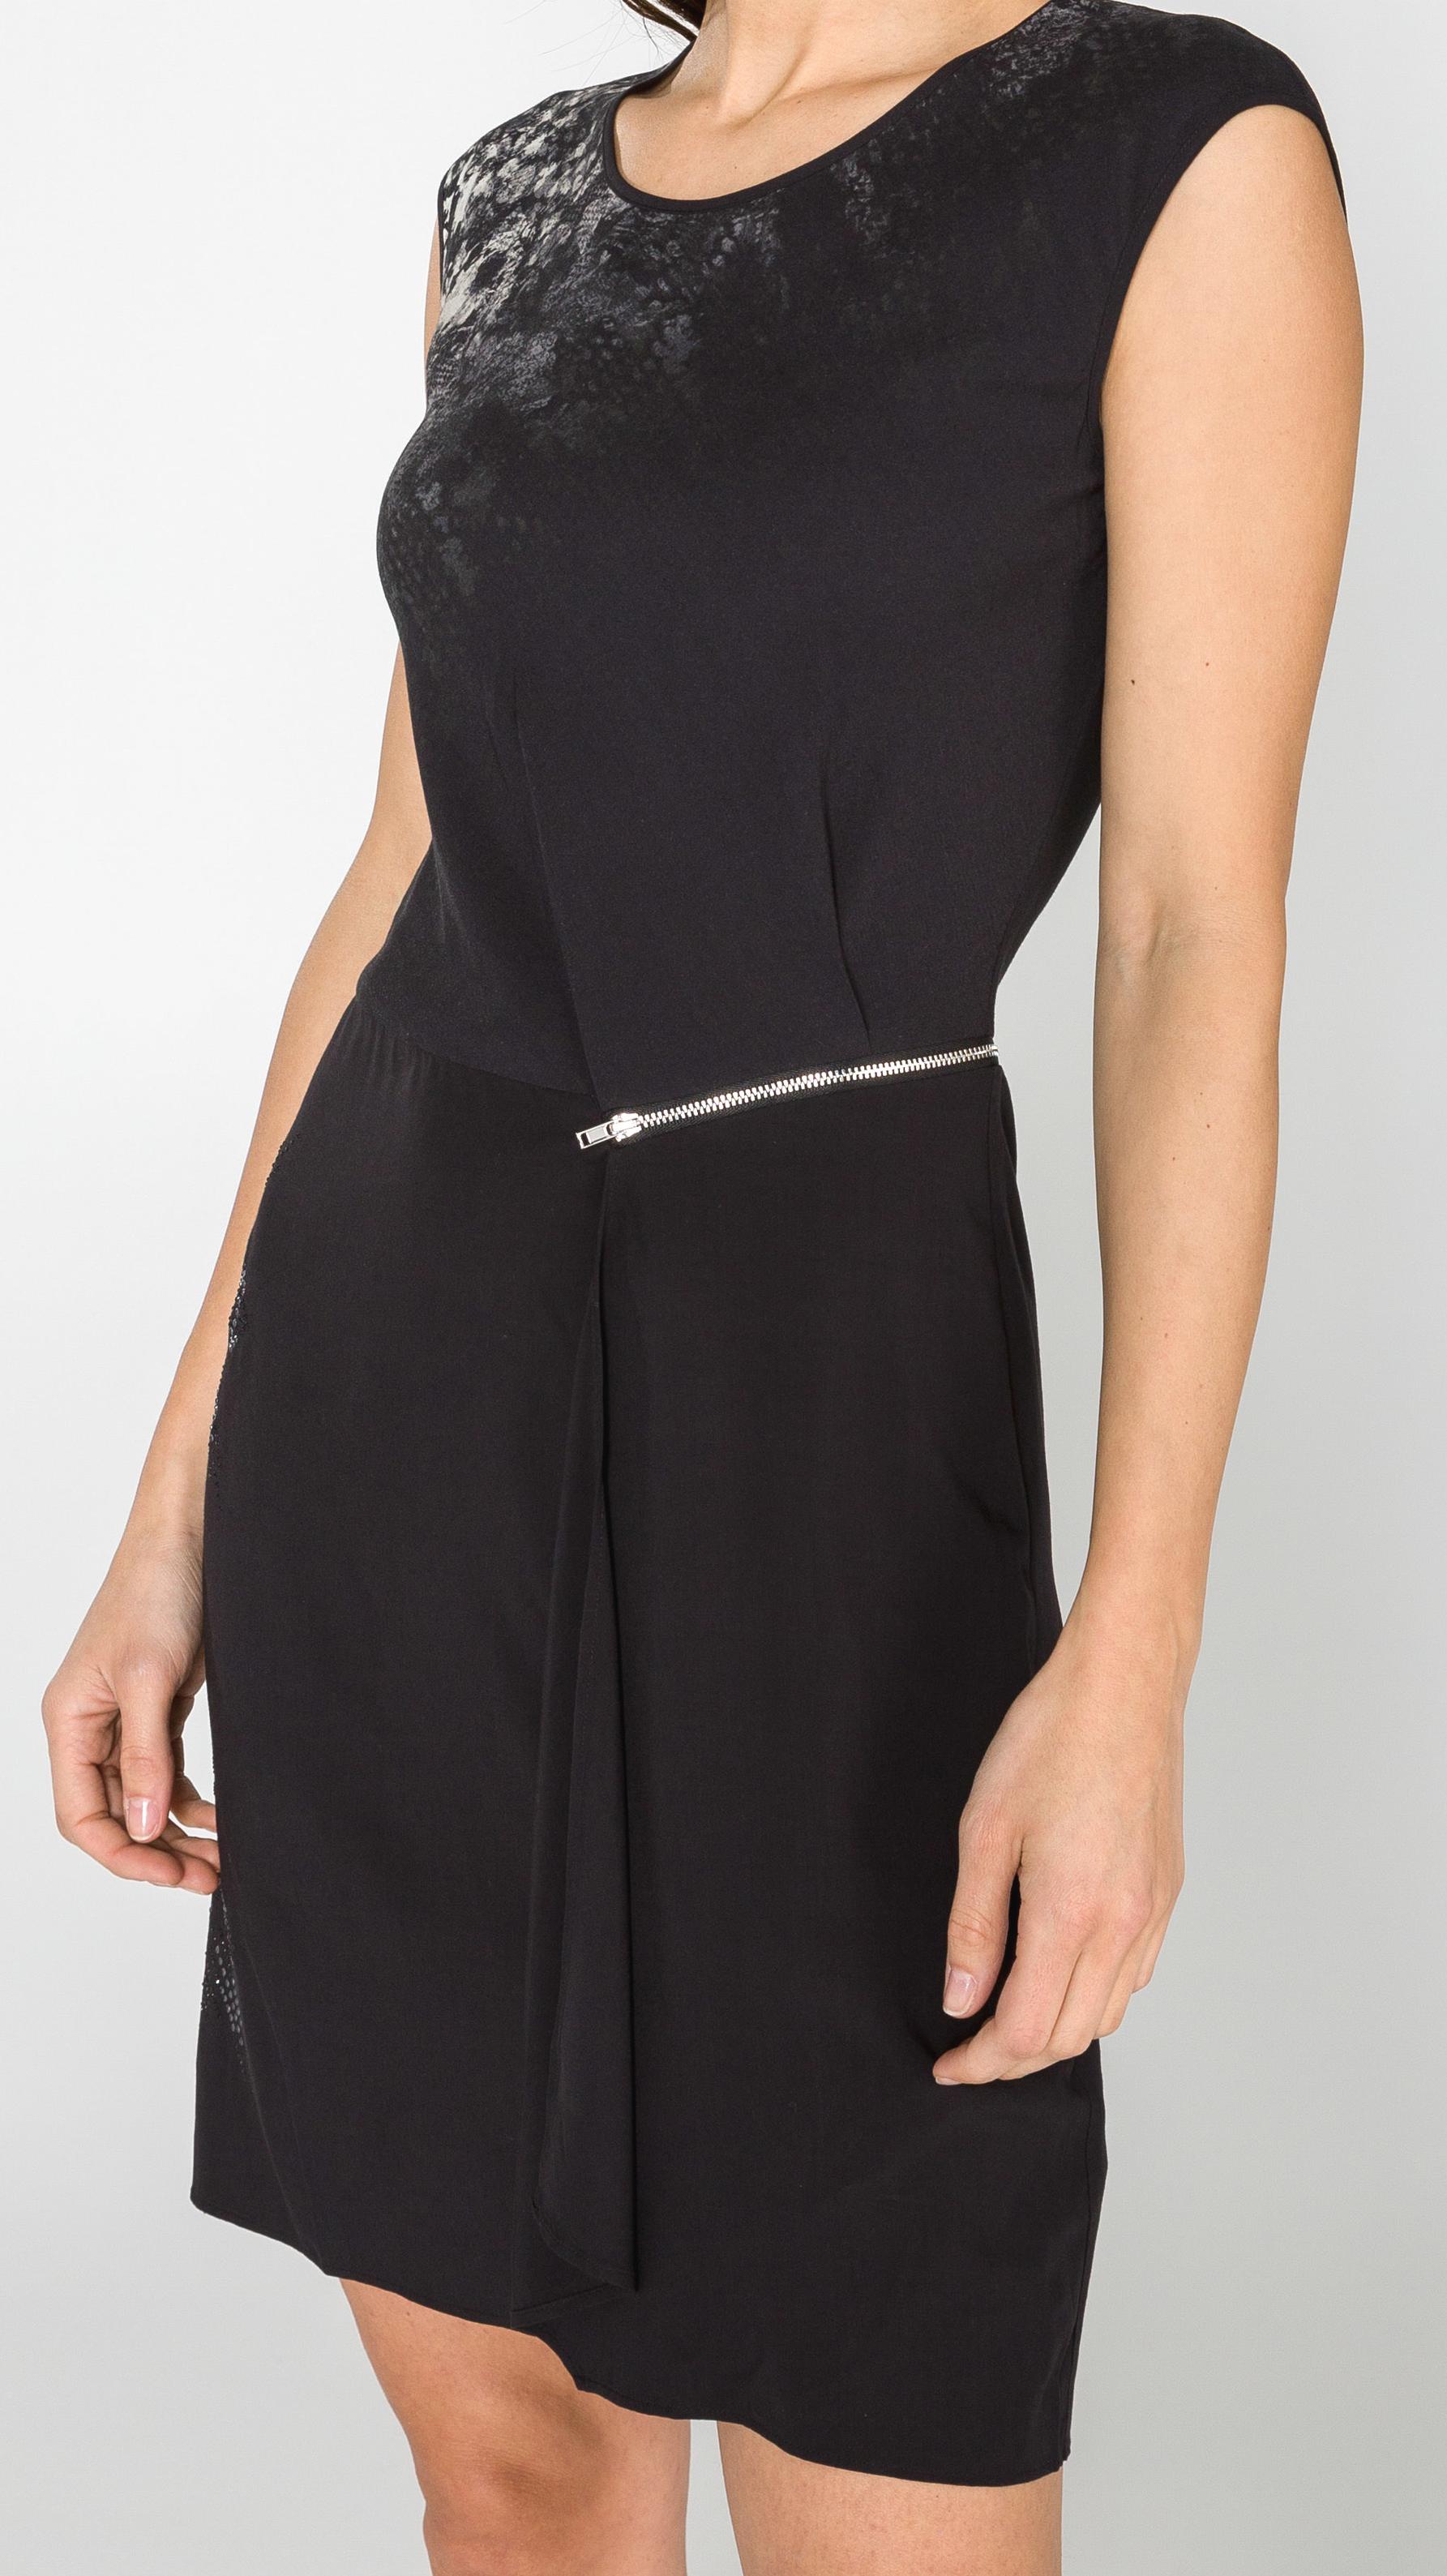 Desigual dámské černé šaty (Dámské černé Desigual šaty bez rukávů)